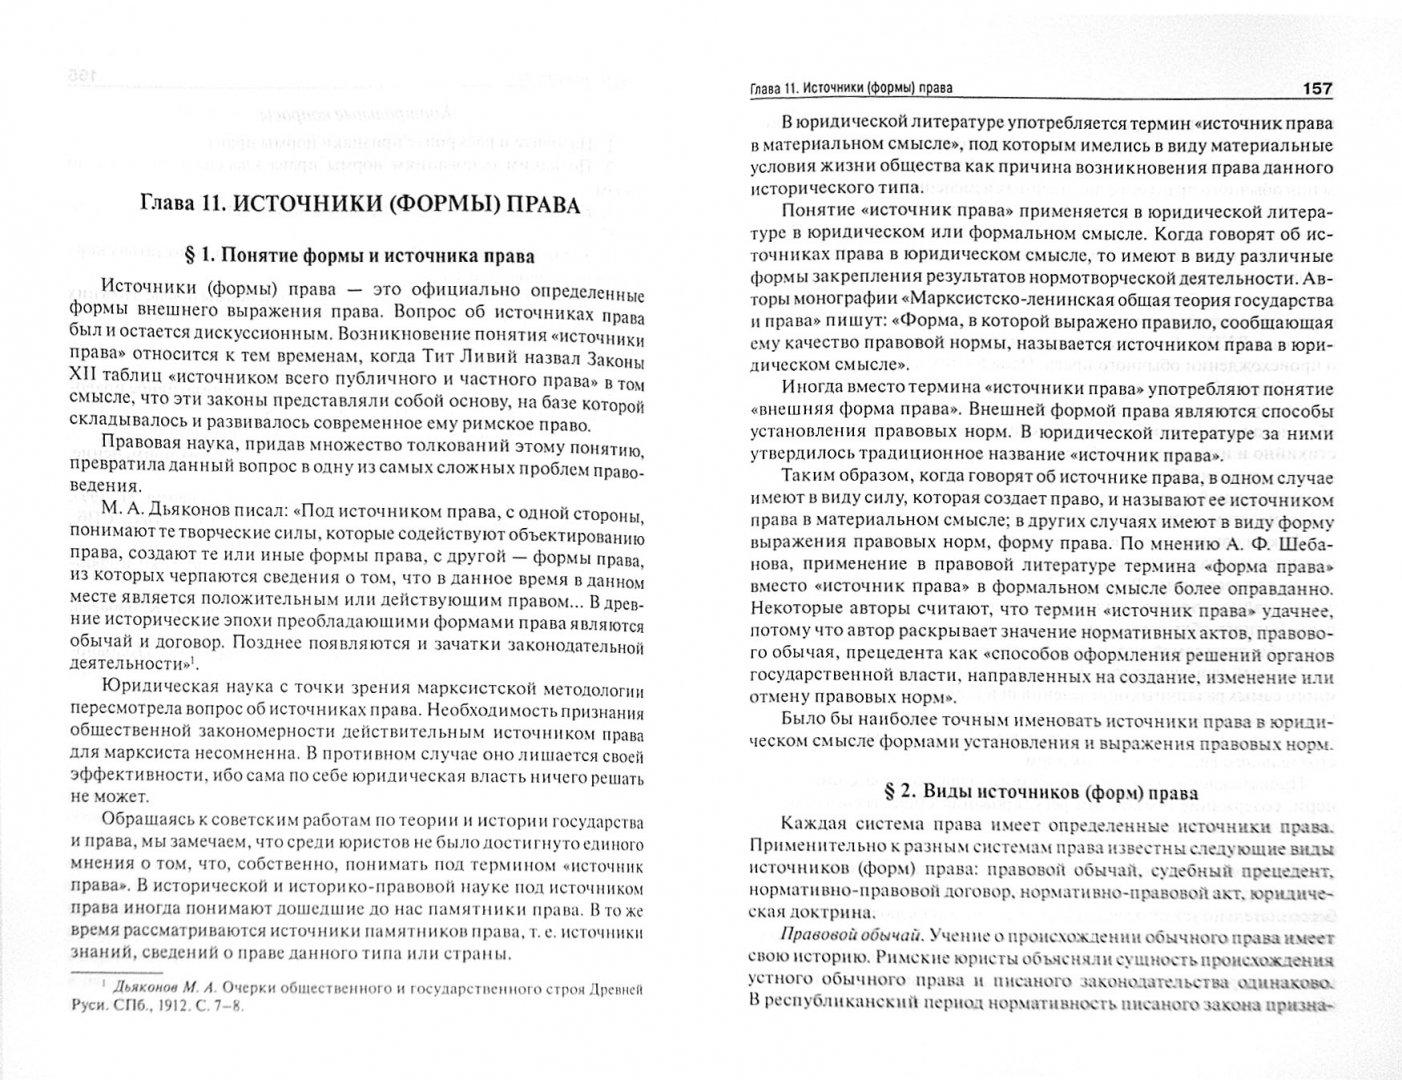 Иллюстрация 1 из 5 для Теория государства и права. Учебник - Малько, Липинский, Гогин   Лабиринт - книги. Источник: Лабиринт